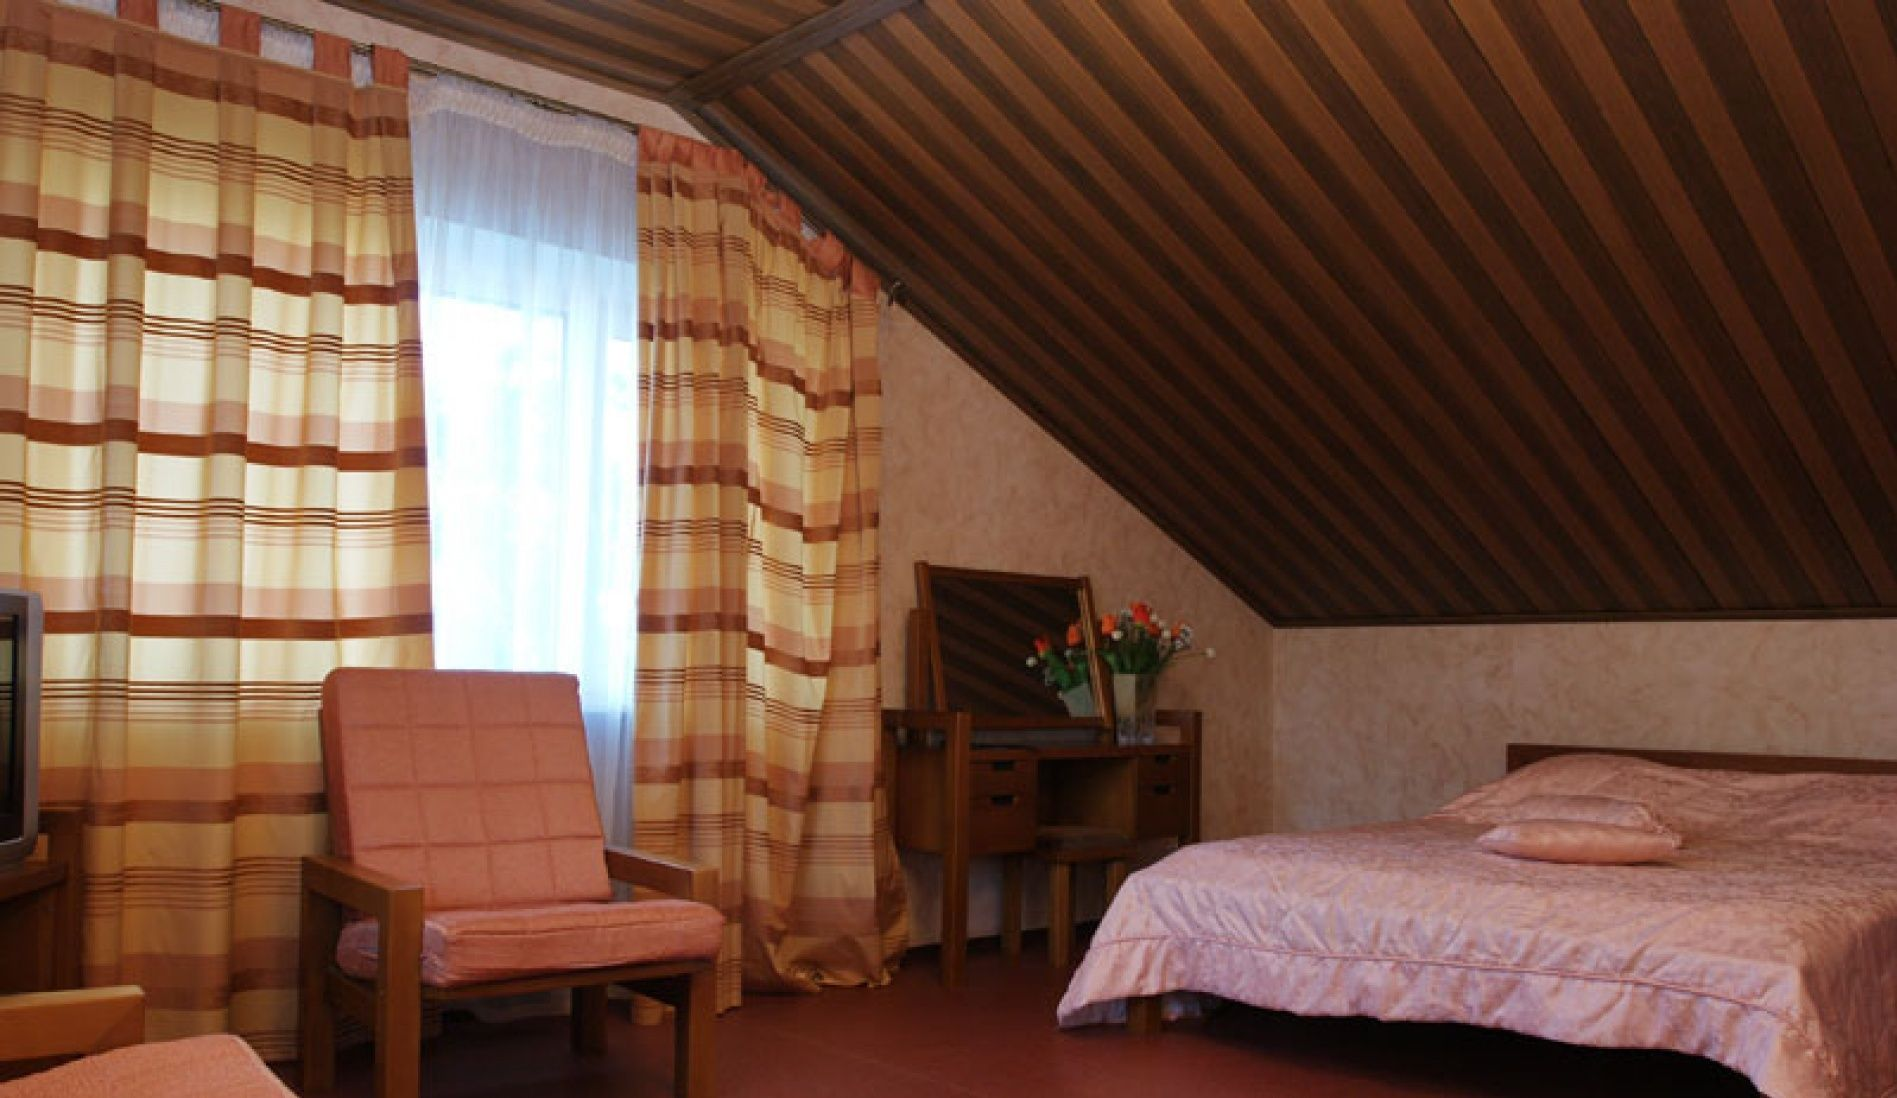 """Загородный гостиничный комплекс """"Орбита"""" Самарская область Однокомнатный 2-х местный номер в гостинице, фото 3"""